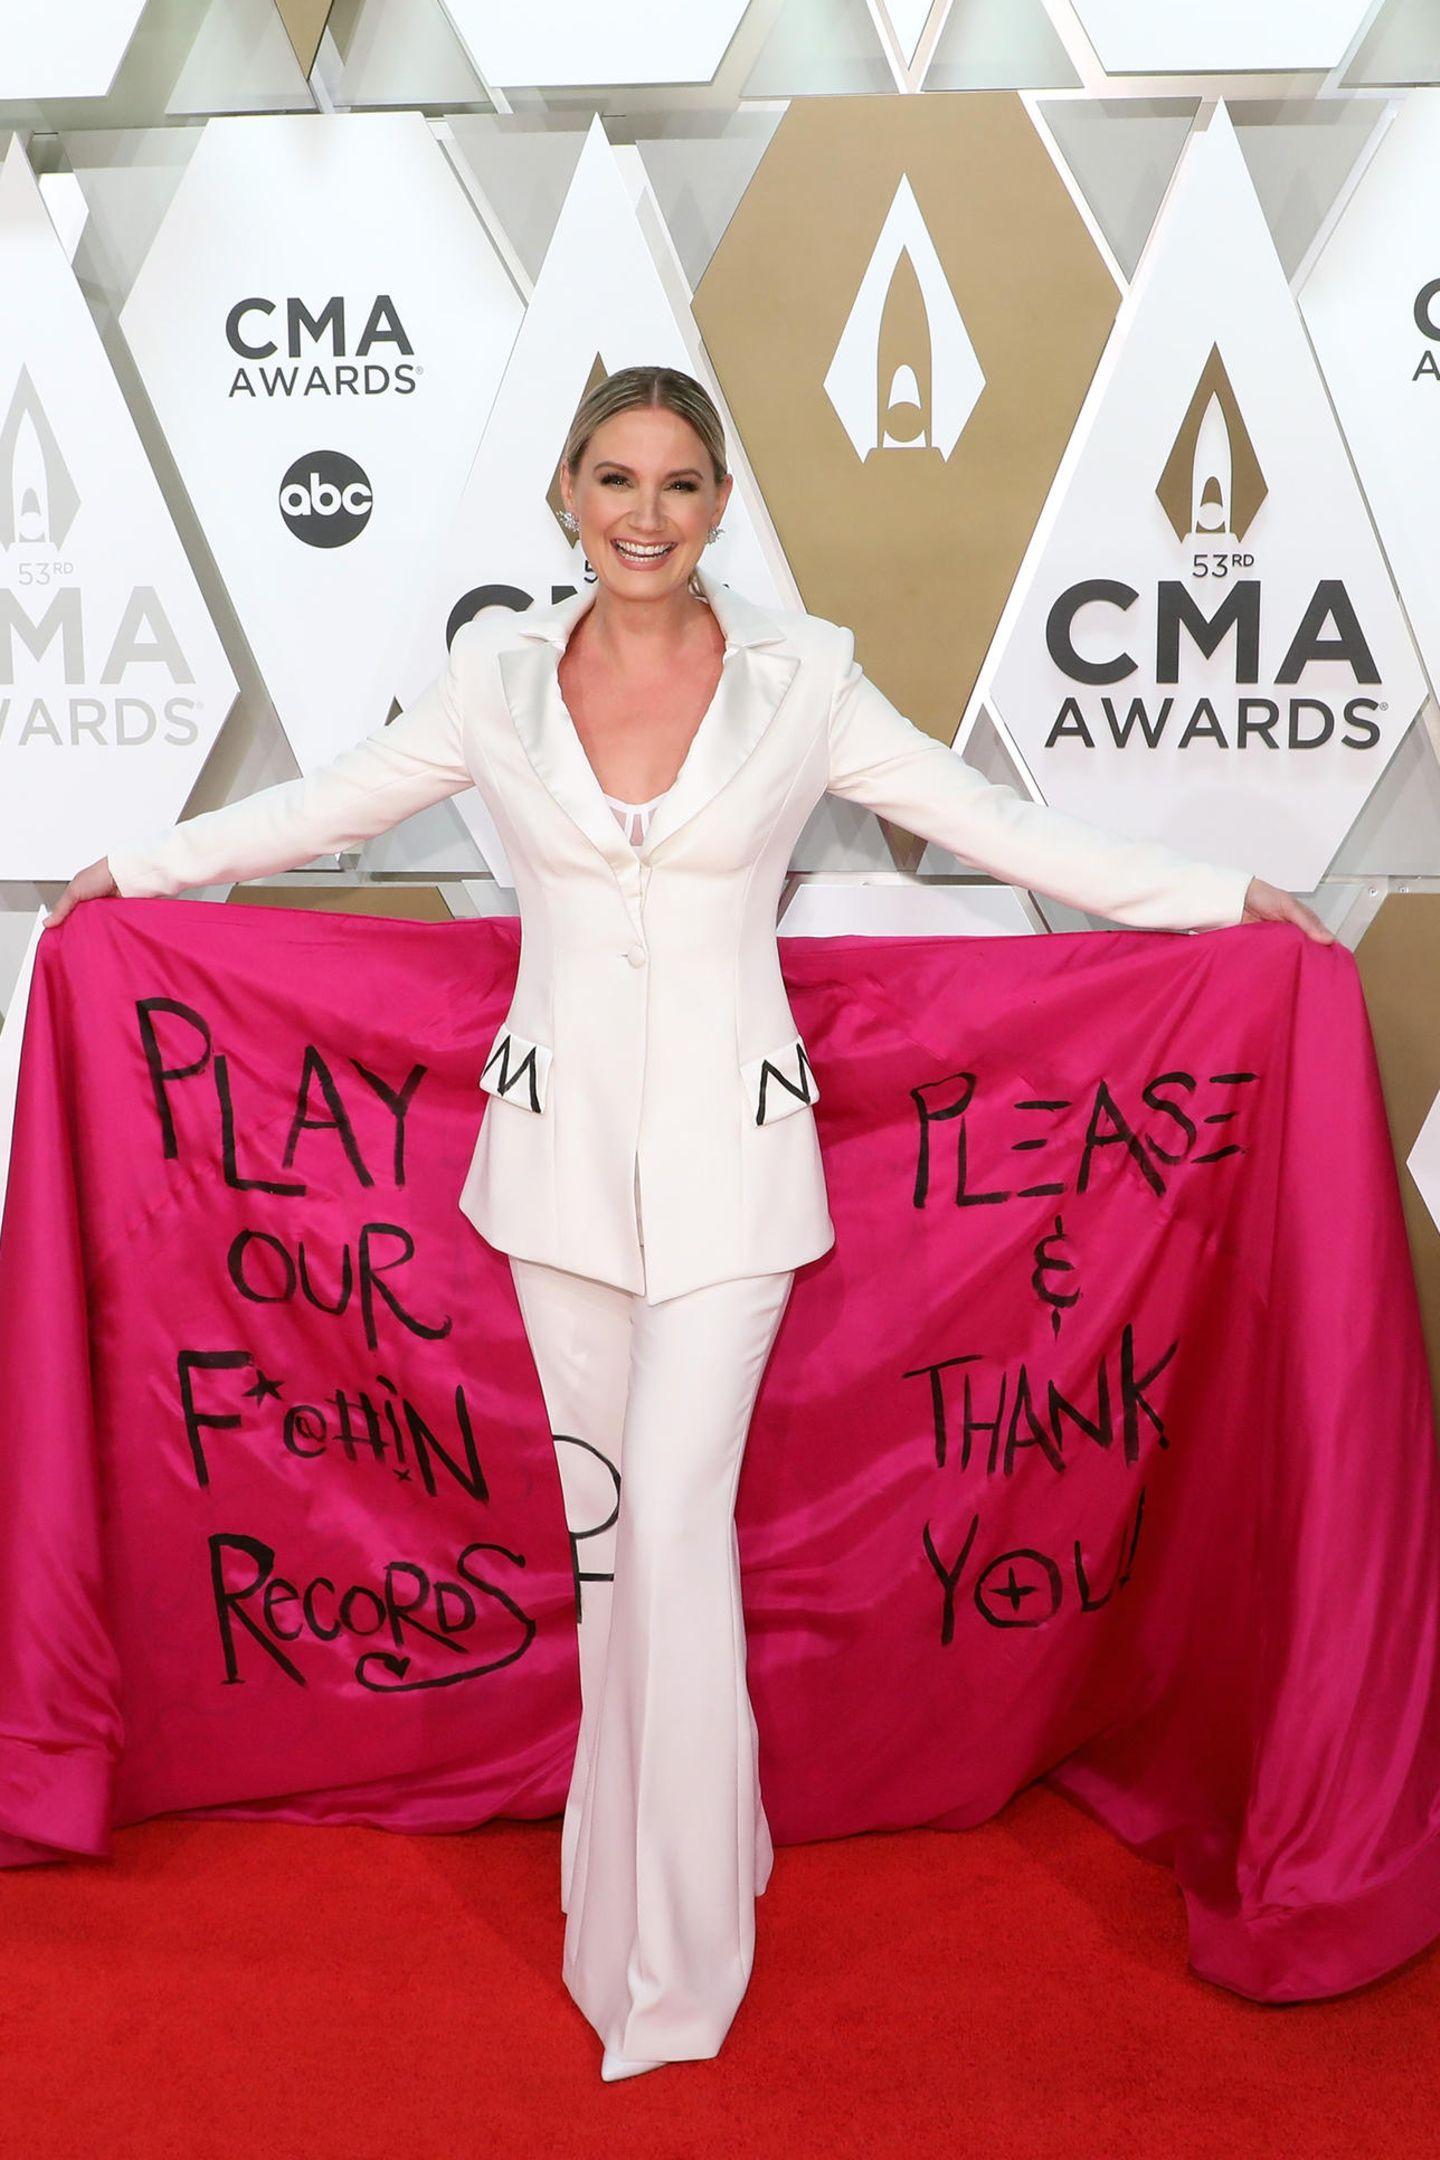 ... den mit dem Öffnen ihrer Schleppe enthüllt sie eine klare Botschaft andie Musikindustrie.Sie protestiert gegen die ungleiche Behandlung von Frauen, wenn es um die Besetzung der Radio-Playlists geht. Hinter dem raffinierten Fashion-Statement steht der Mode-Designer Christian Siriano.